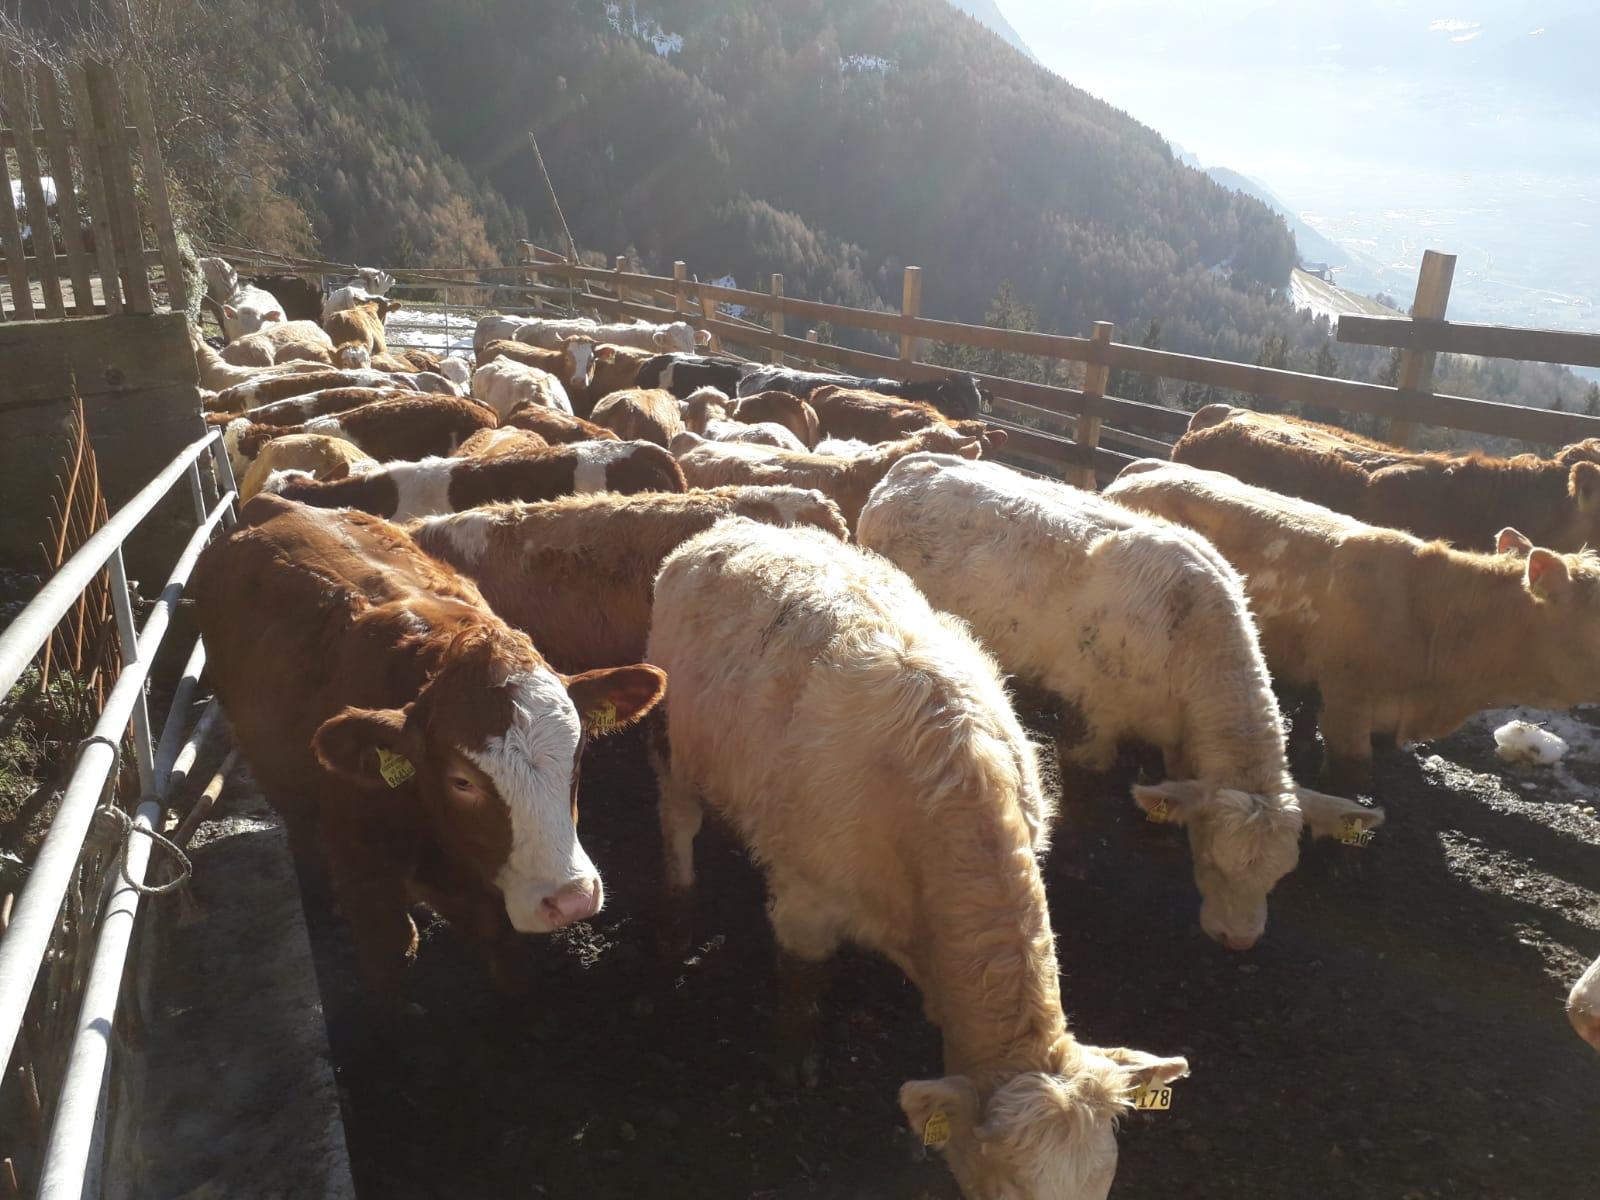 Einheimisches Rindfleisch vom Rieser Hof in Schenna